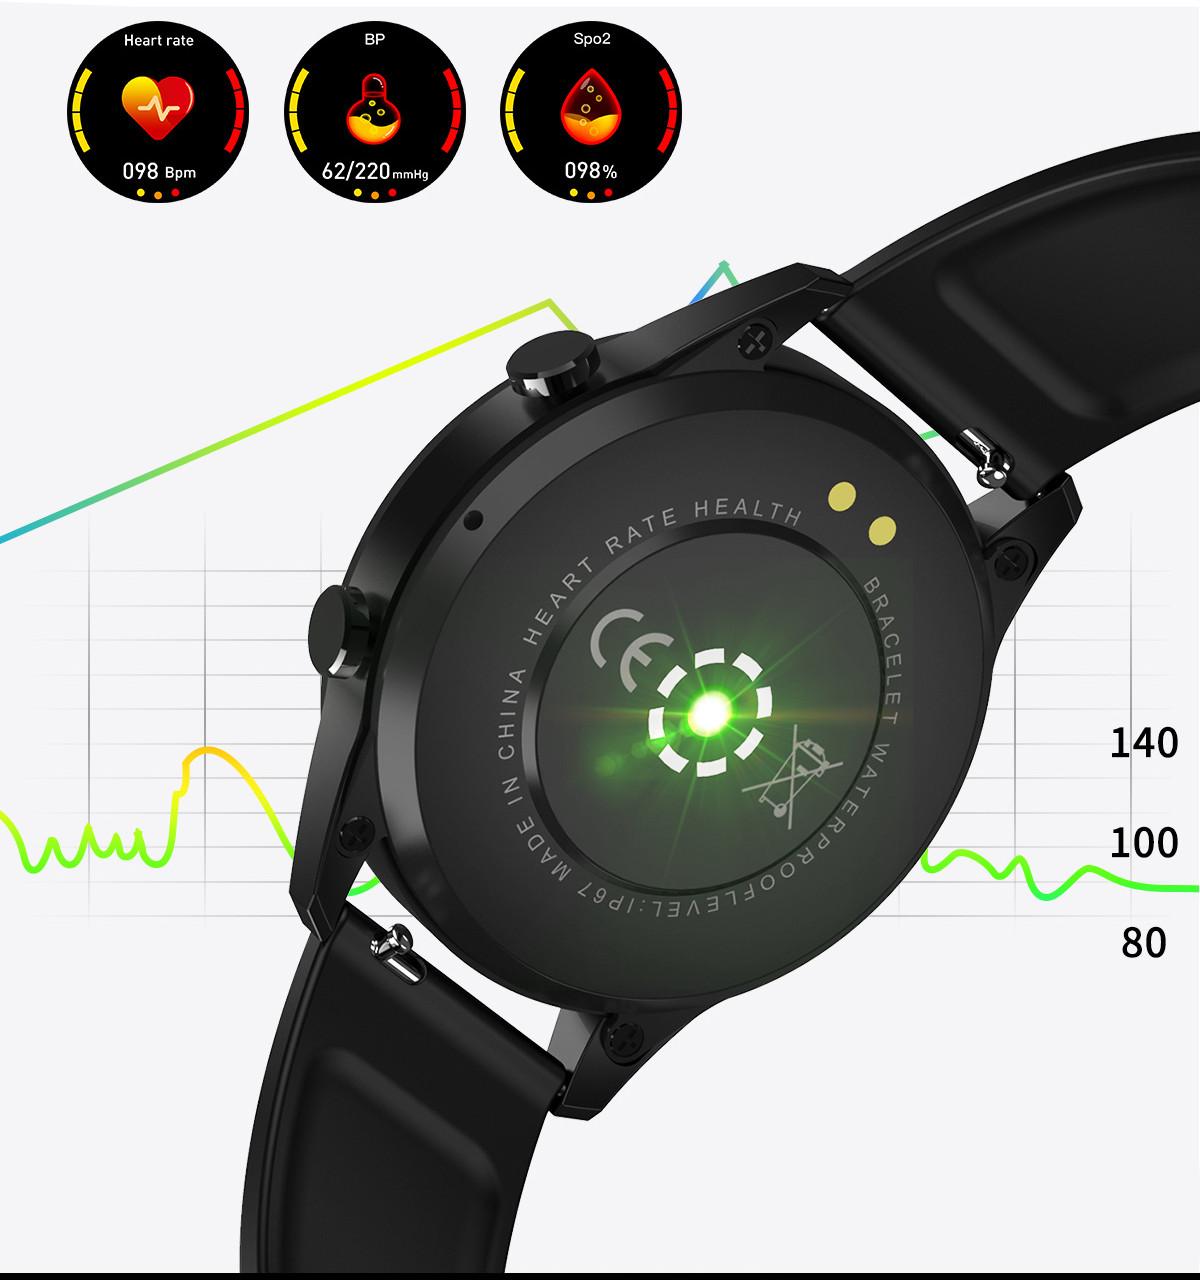 Smartwatch pokazany od tyłu